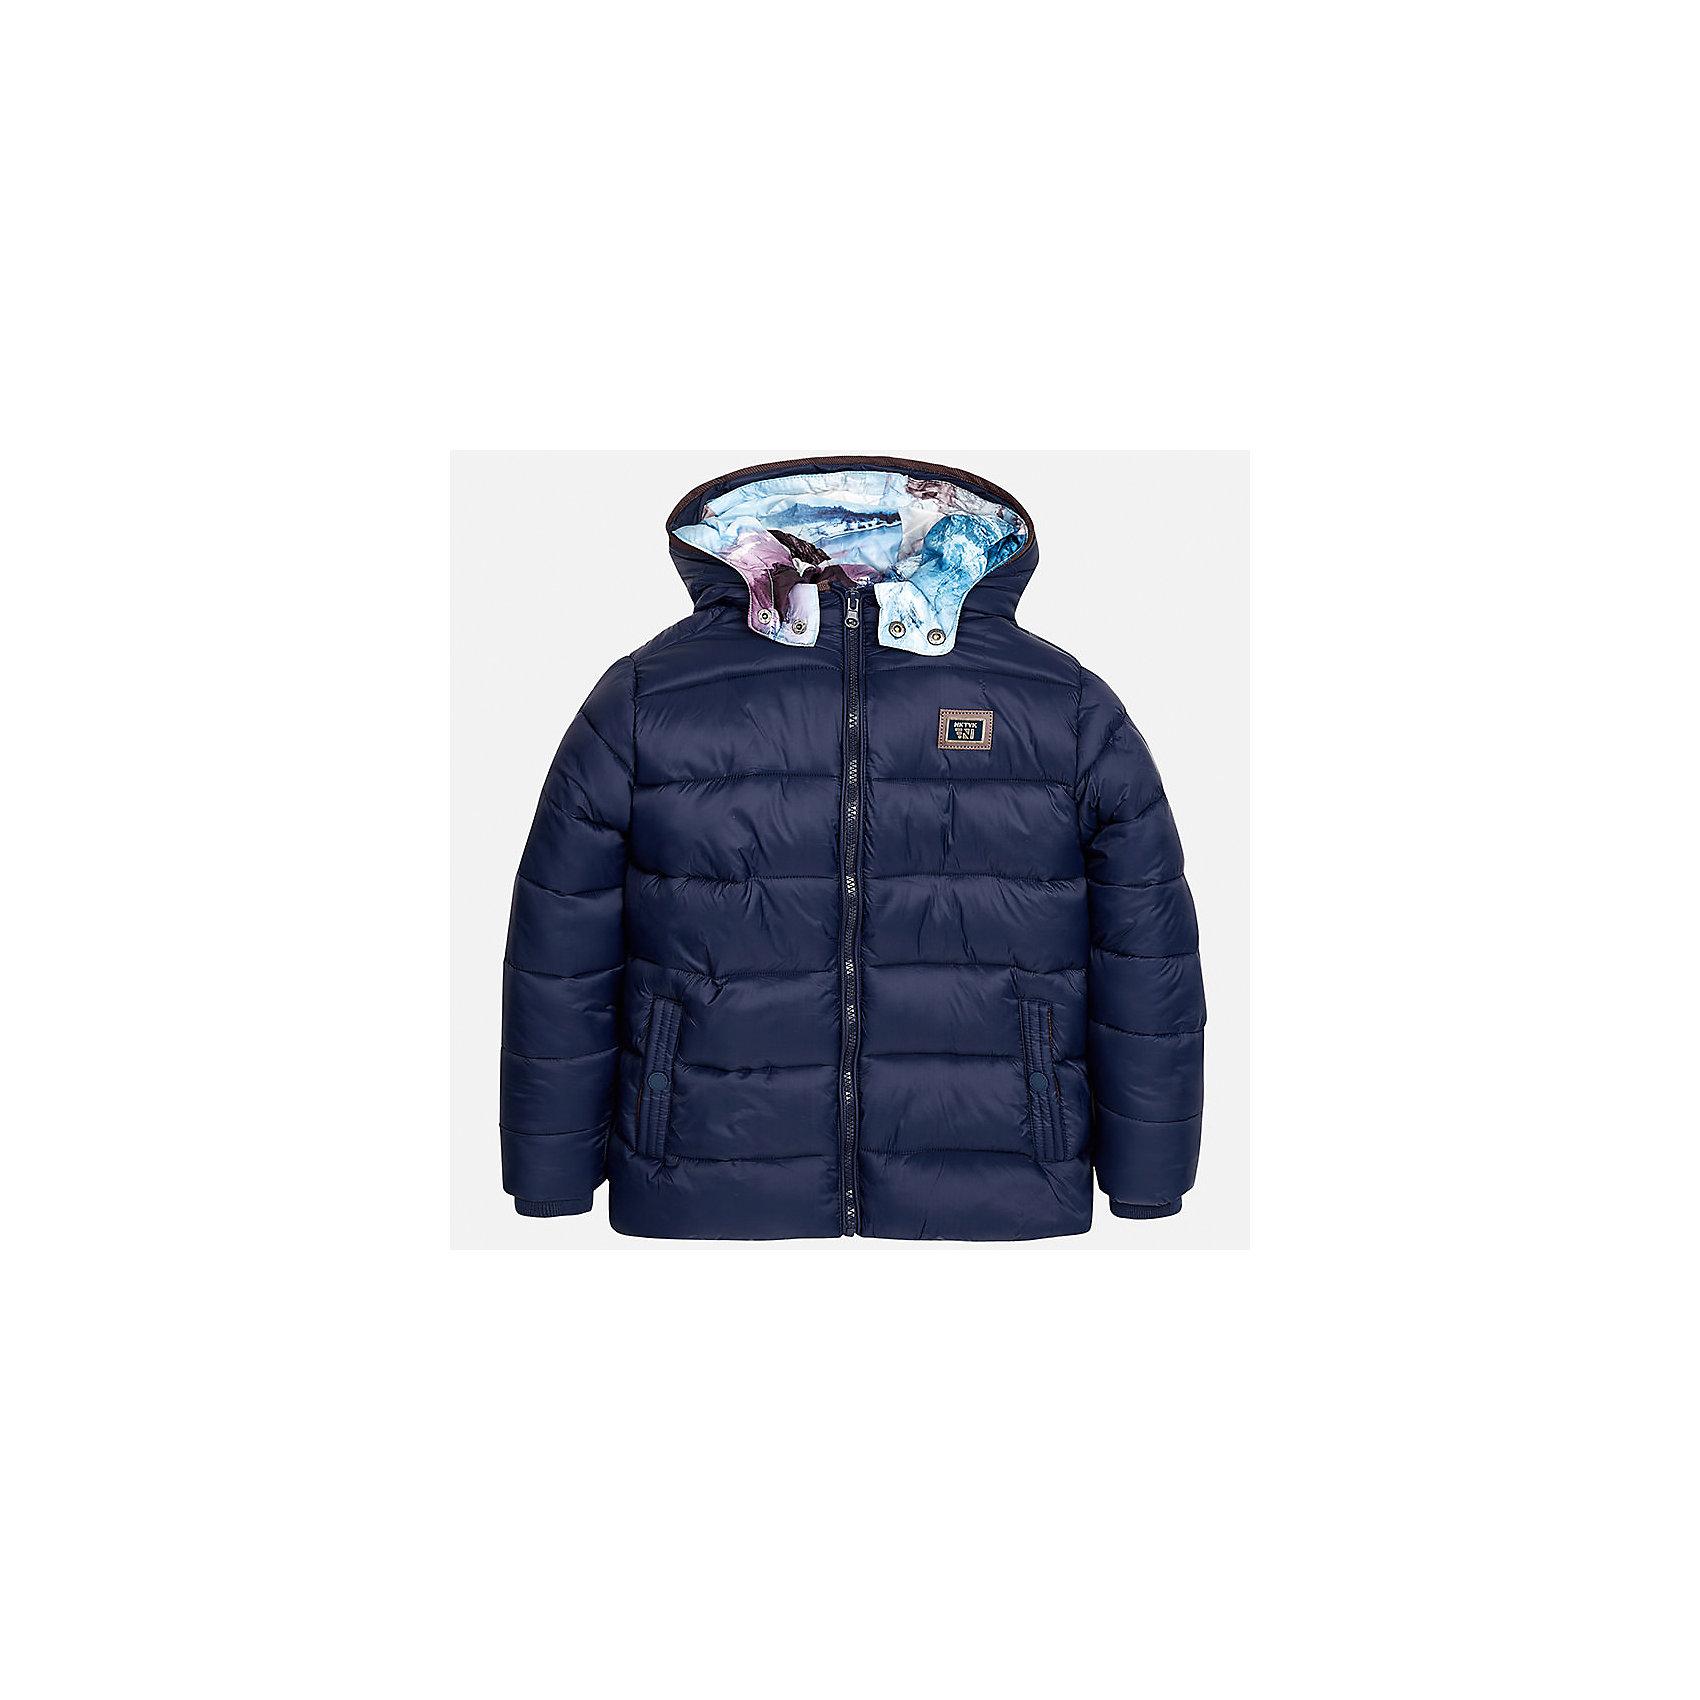 Куртка для мальчика MayoralДемисезонные куртки<br>Характеристики товара:<br><br>• цвет:темно-синий;<br>• сезон: демисезон;<br>• температурный режим: от 0 до +10С;<br>• состав ткани: 100% полиамид;<br>• состав подкладки и наполнителя: 100% полиэстер;<br>• на молнии;<br>• стеганая;<br>• капюшон:  отстегивается, без меха;<br>• страна бренда: Испания;<br>• страна изготовитель: Китай.<br><br>Утепленная демисезонная куртка для мальчика с двойным капюшоном от популярного бренда Mayoral несомненно понравится вам и вашему ребенку. Качественные ткани, безупречное исполнение, все модели в центре модных тенденций. <br><br>Стеганная модель синего цвета выполнена из мягкой плащевой  ткани и внутренней плащевой подкладки, обеспечивающие хорошую воздухопроницаемую защиту,  рукава и пояс на внутренних трикотажных манжетах. Застегивается на молнию, дополнена боковыми врезными карманами. Двойной капюшон: внешний плащевый и внутренний  трикотажный с принтом, съемный (на молнии), с фиксацией на кнопки.   Декорирована  нашивкой-логотипом на на груди.<br><br>Легкая и теплая куртка с капюшоном и карманами на холодную осень-весну. Грамотный крой изделия обеспечивает отличную посадку по фигуре. Все эти преимущества делают данную модель незаменимой для активных прогулок и повседневной носки.<br><br>Утепленная демисезонная куртка для мальчика Mayoral (Майорал) можно купить в нашем интернет-магазине.<br><br>Ширина мм: 356<br>Глубина мм: 10<br>Высота мм: 245<br>Вес г: 519<br>Цвет: темно-синий<br>Возраст от месяцев: 168<br>Возраст до месяцев: 180<br>Пол: Мужской<br>Возраст: Детский<br>Размер: 170,128/134,140,152,158,164<br>SKU: 6938845